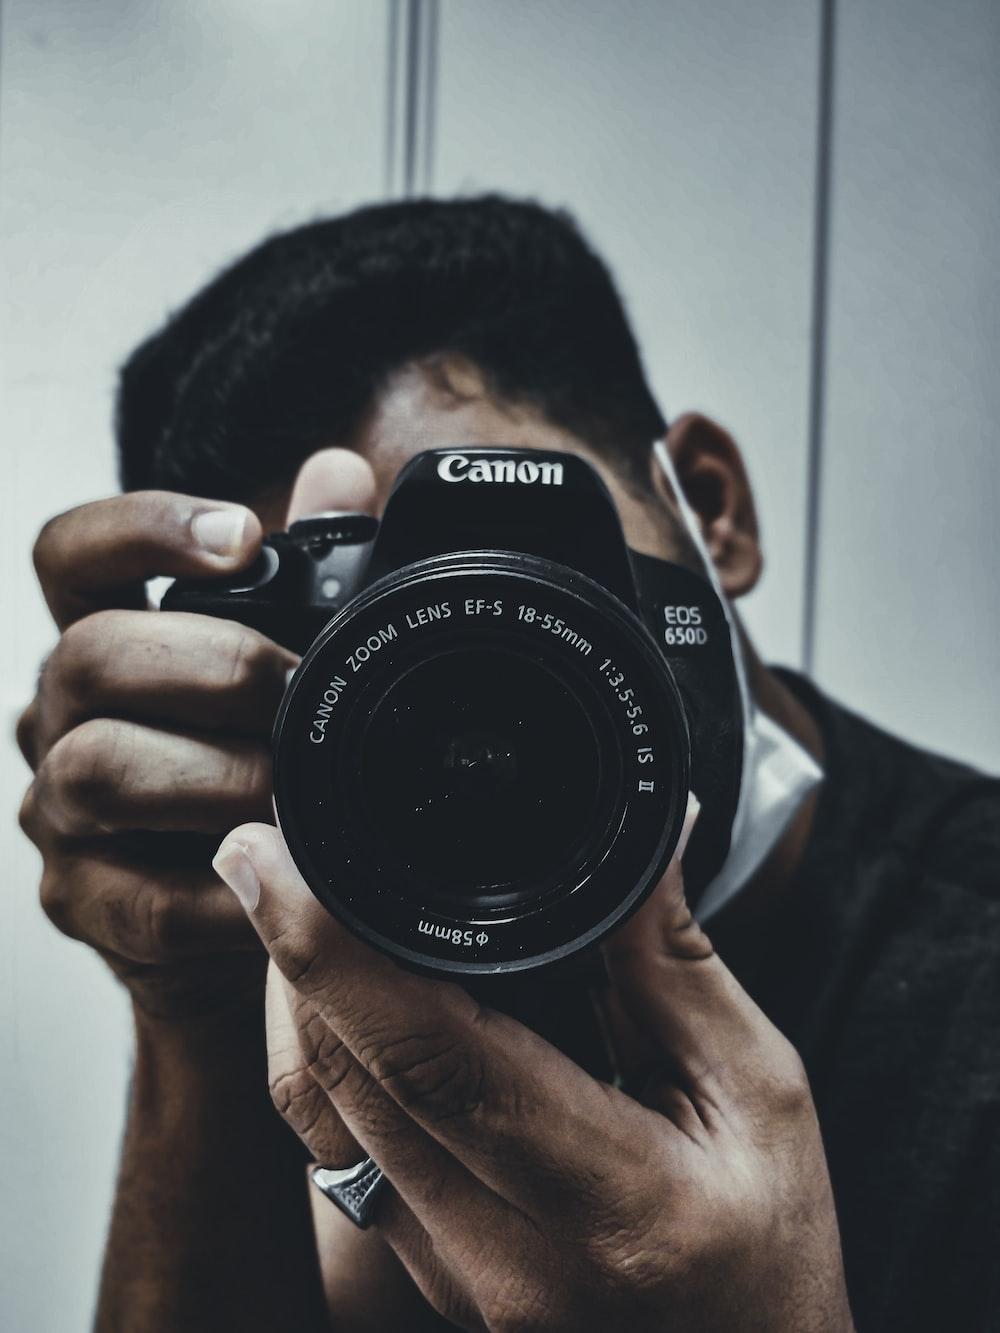 man holding black nikon dslr camera